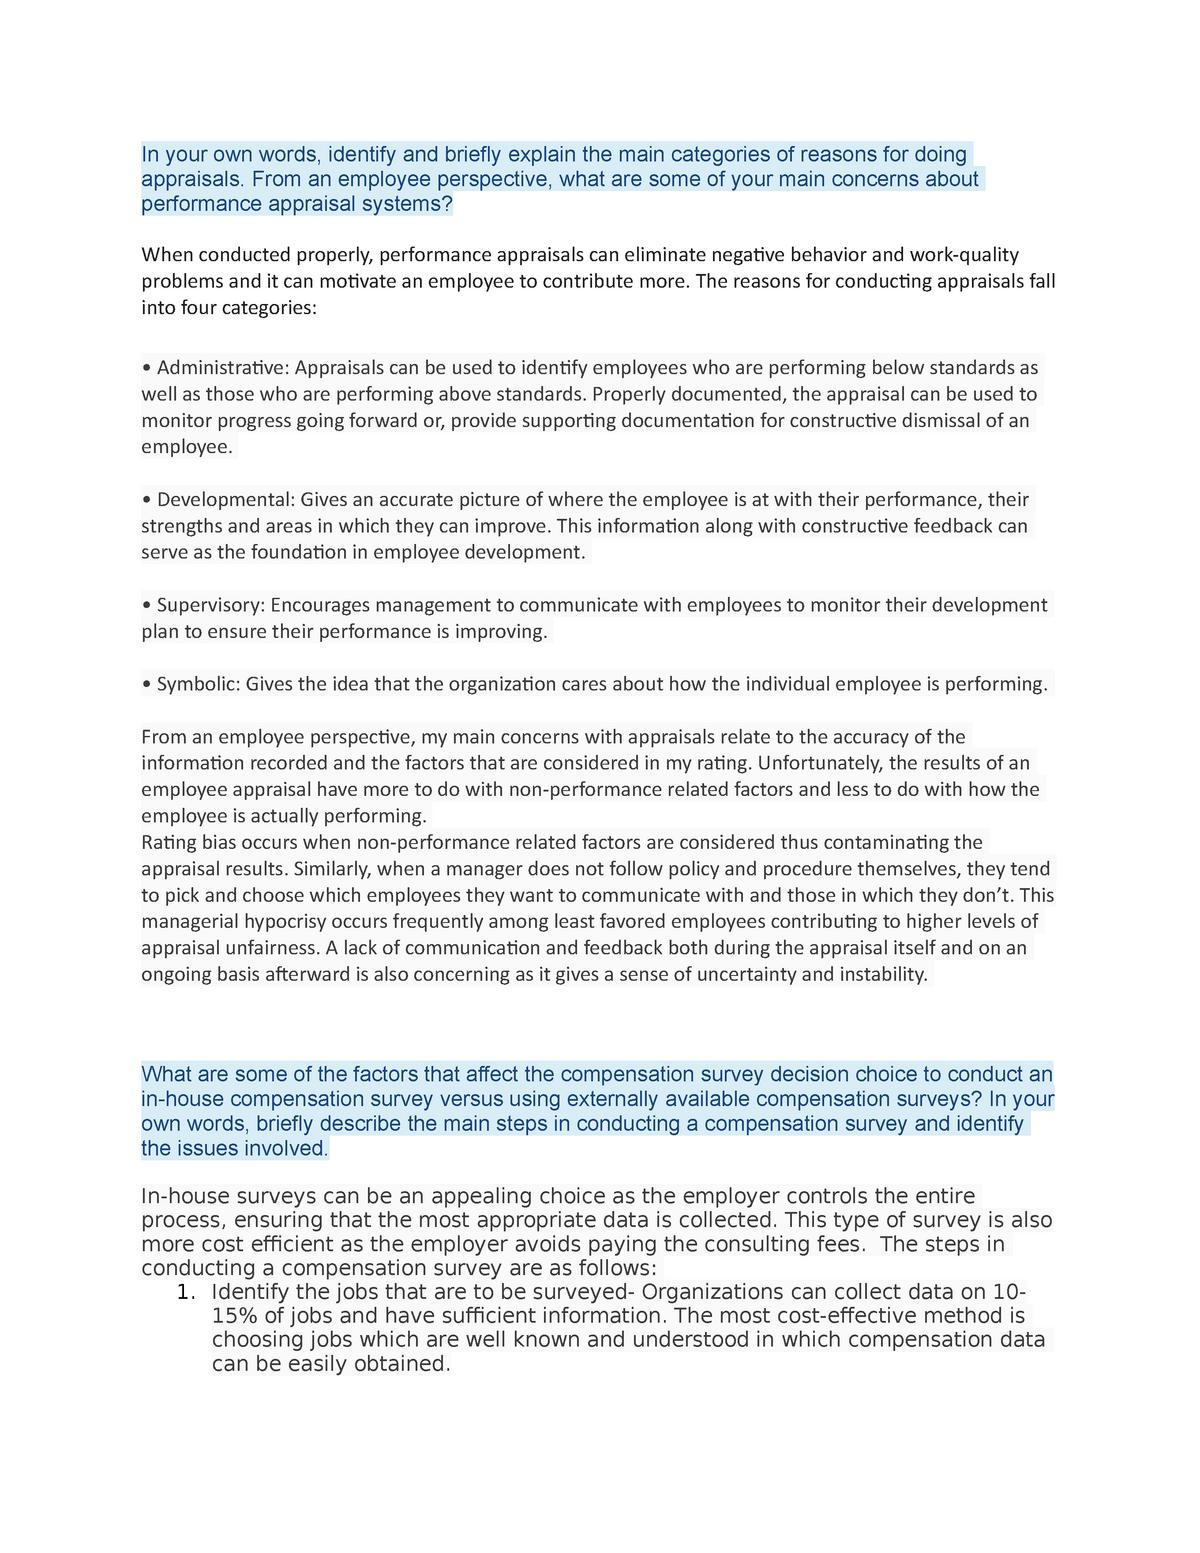 HRMT 326 ASS 3 - Assignment 3 - Hrmt 326: Wages and Benefits - StuDocu